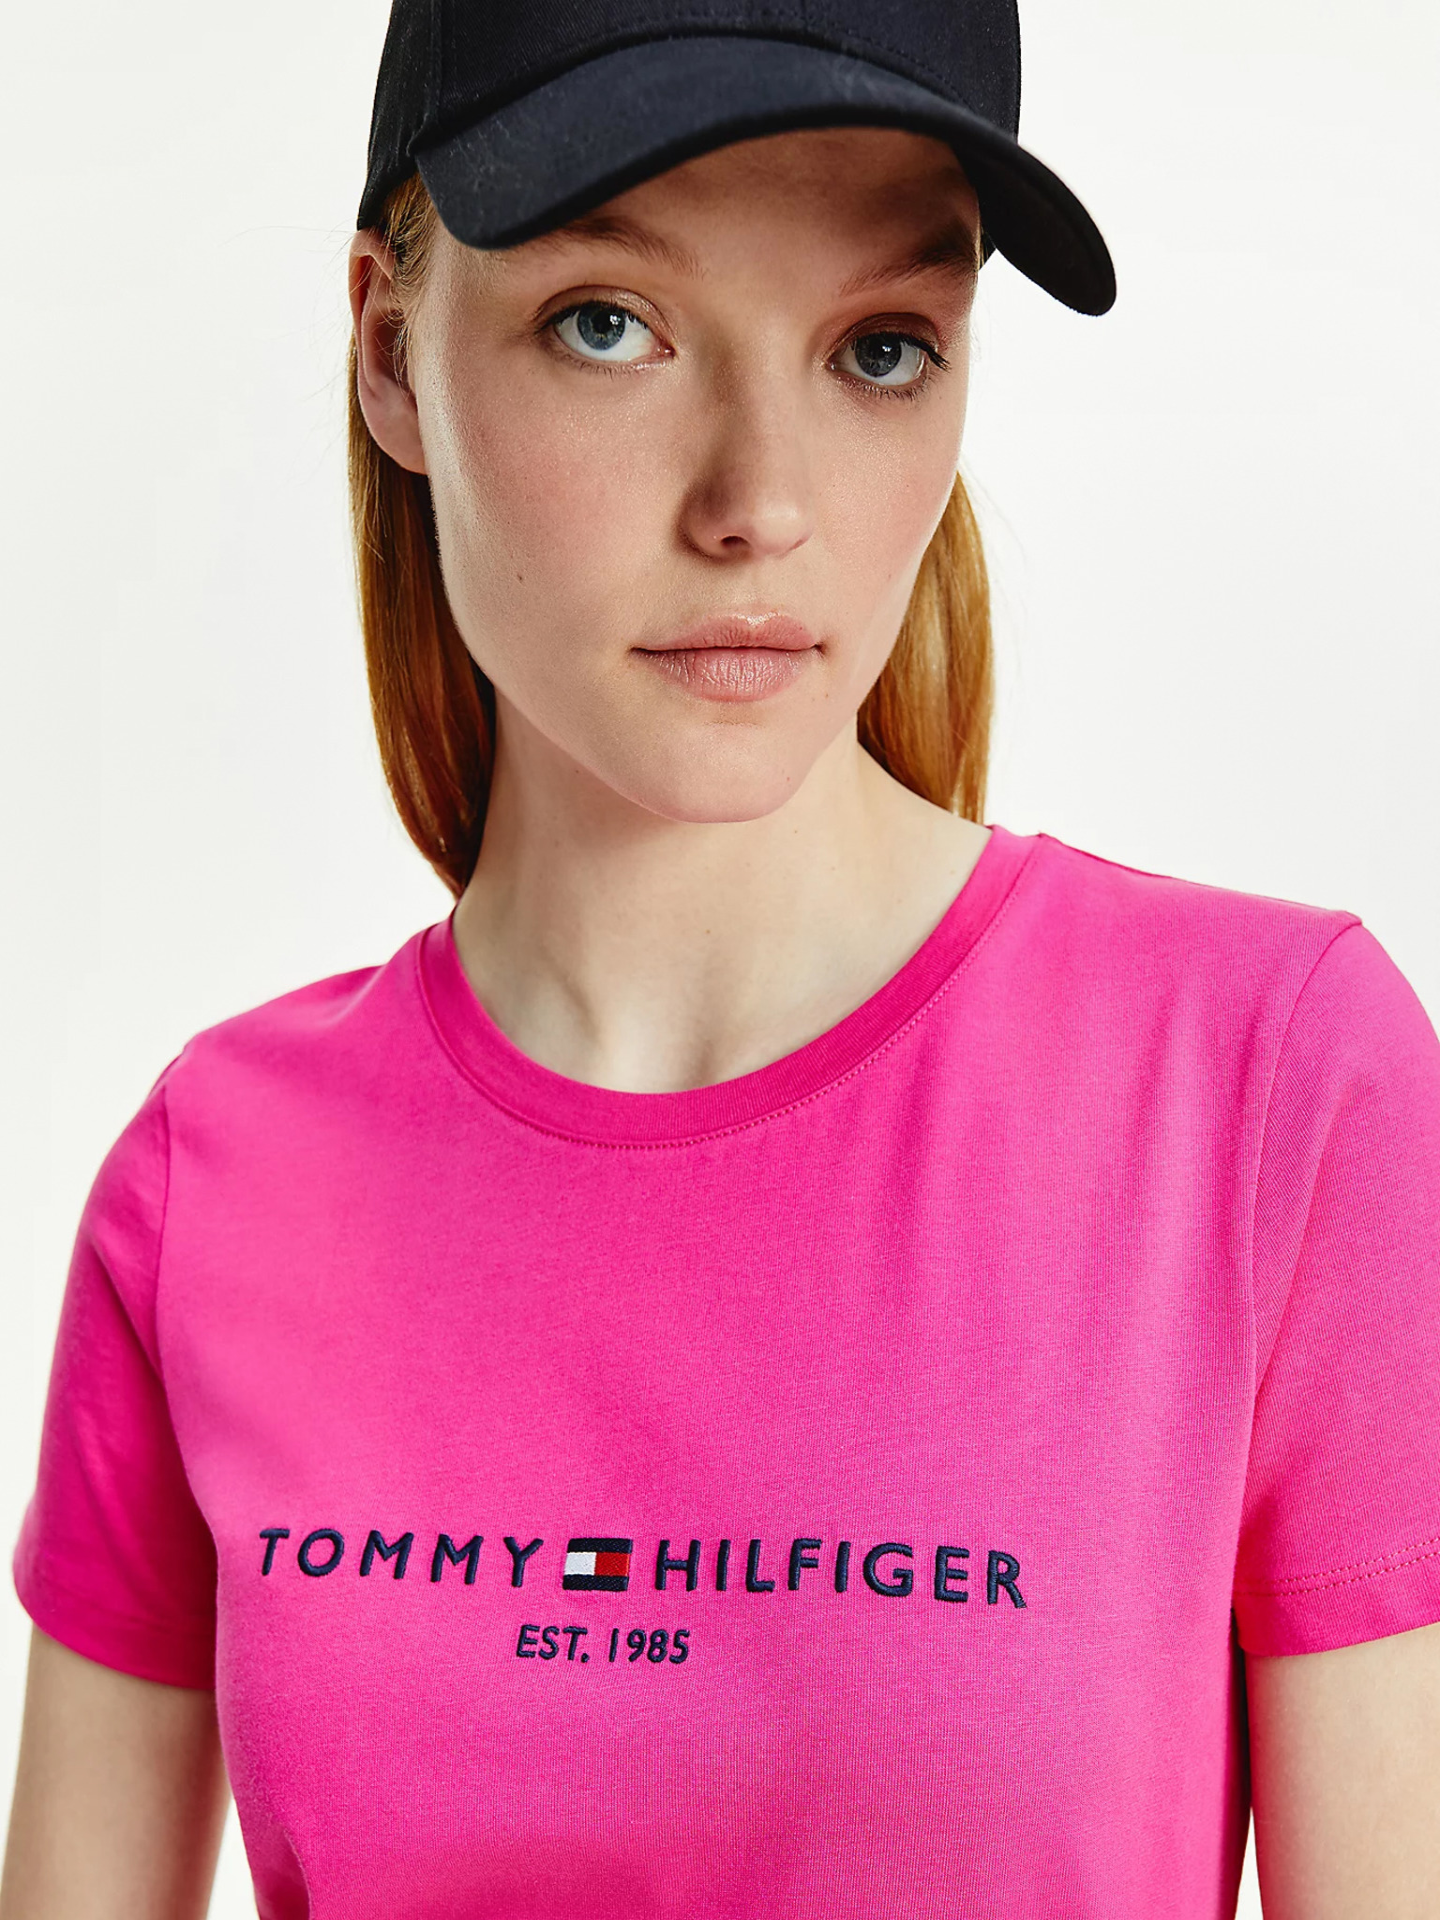 Tommy Hilfiger różowy damska koszulka Essential